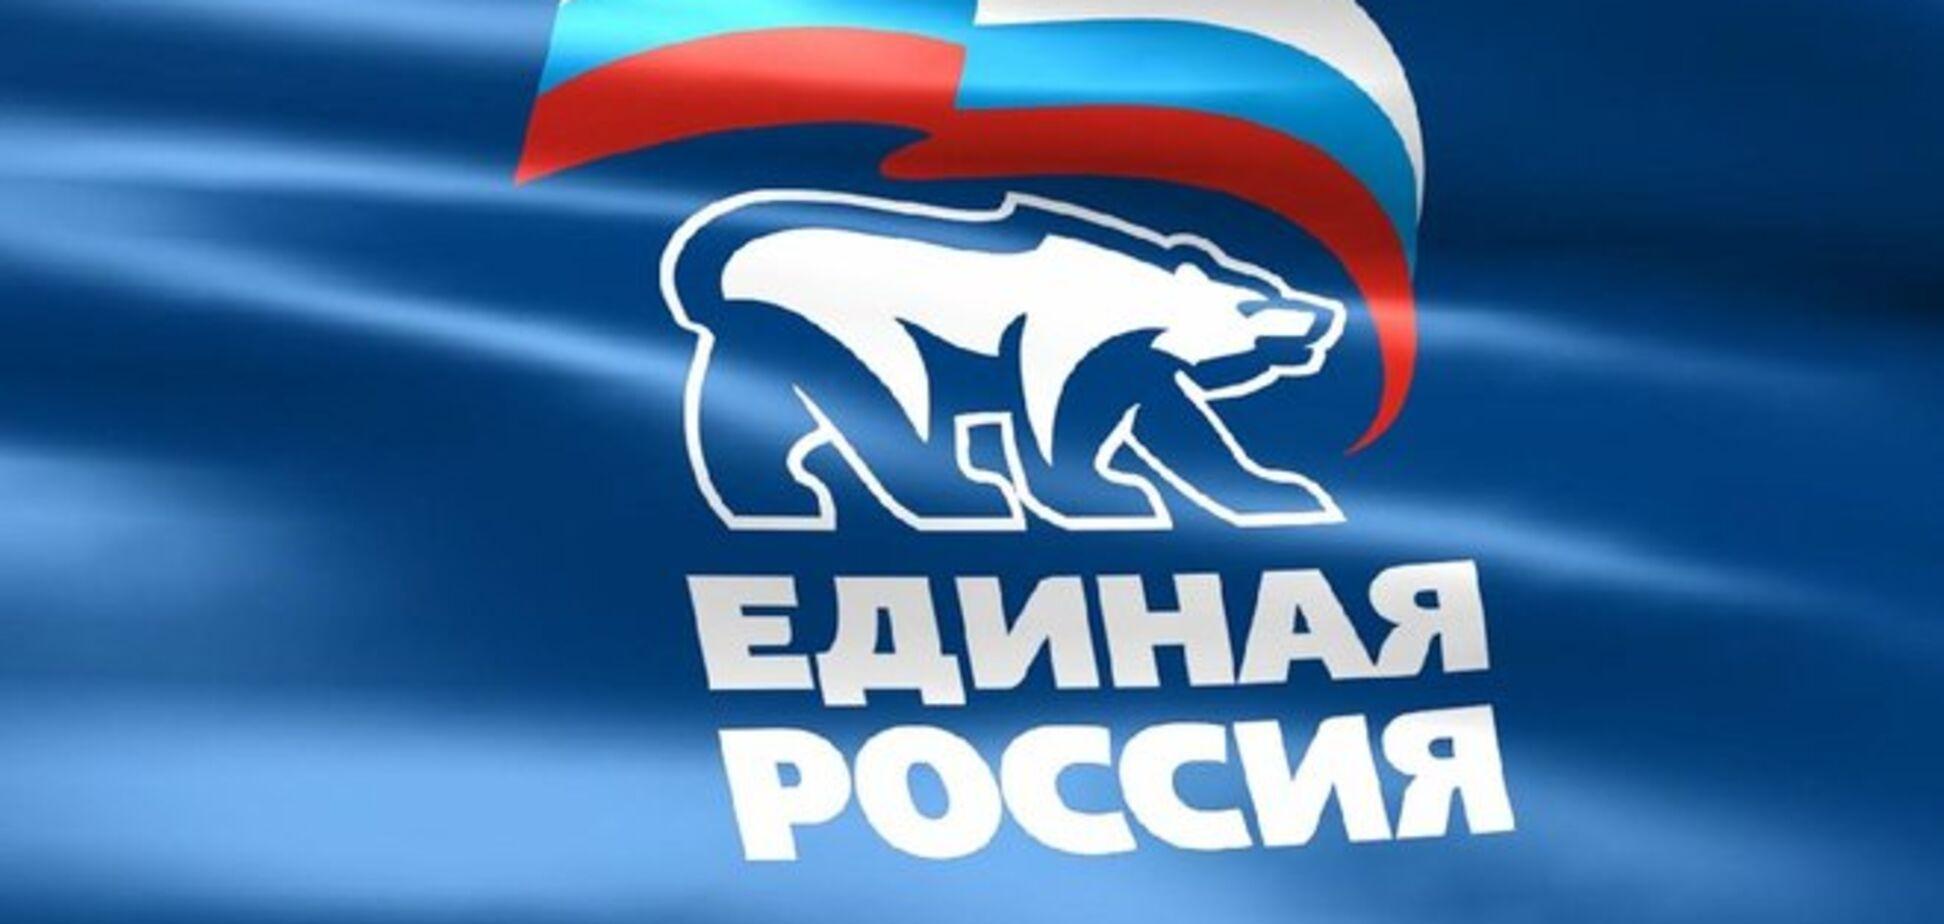 Глава саратовского отделения партии Путина оказалась в эпицентре 'голого скандала'